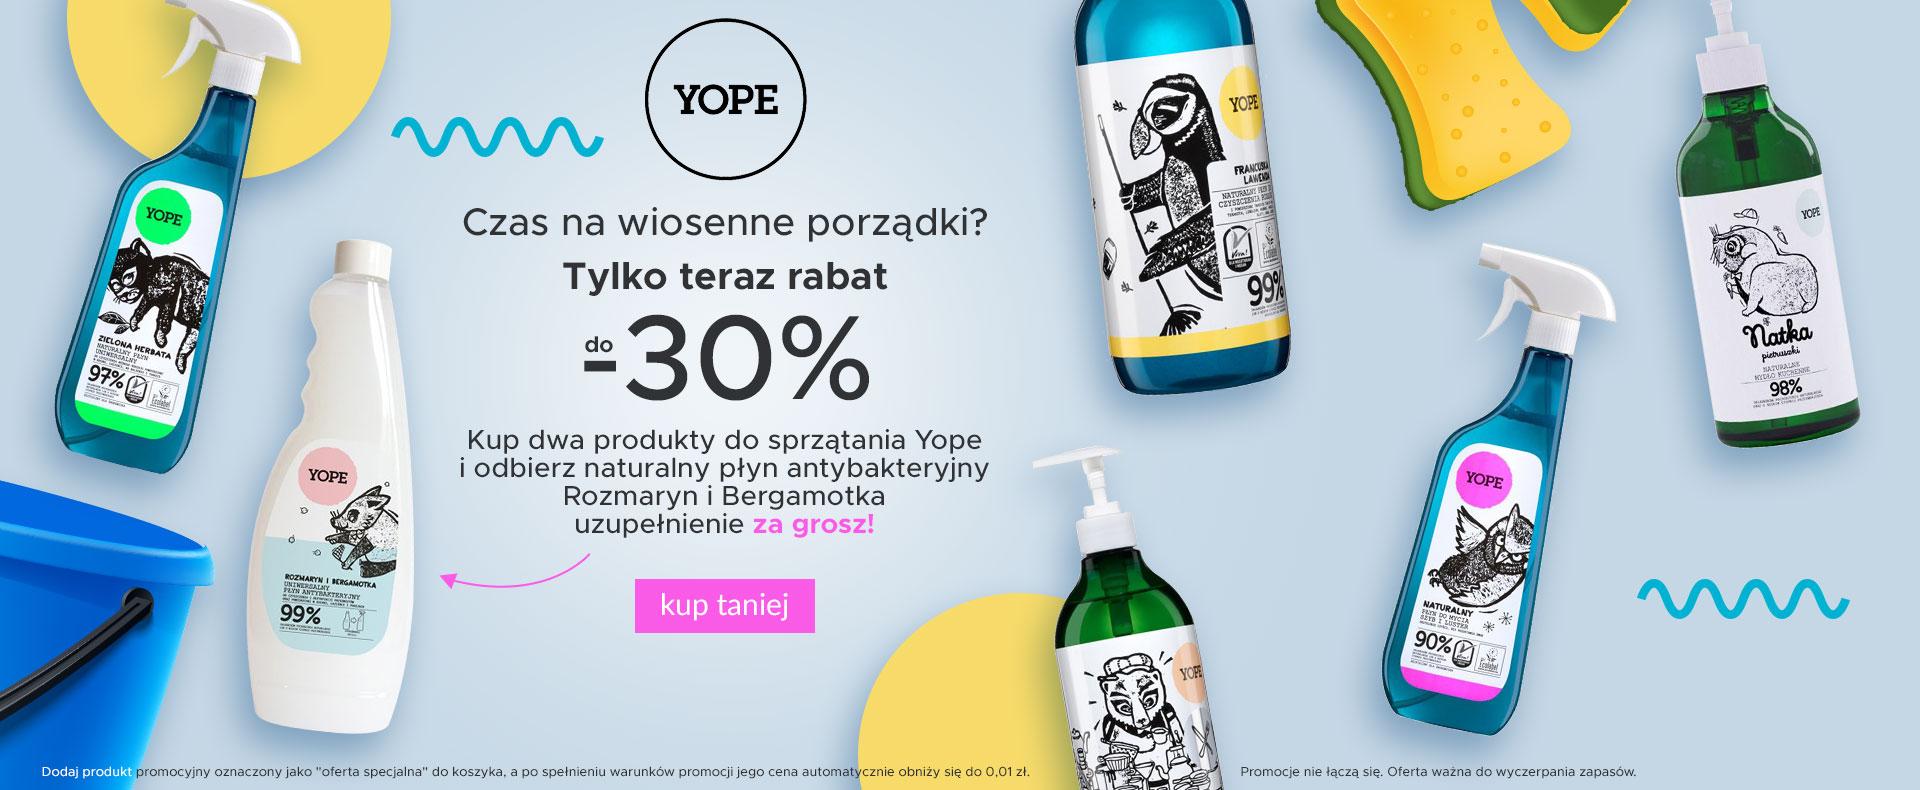 Ezebra Ezebra: do 30% zniżki na kosmetyki naturalne marki Yope oraz prezent